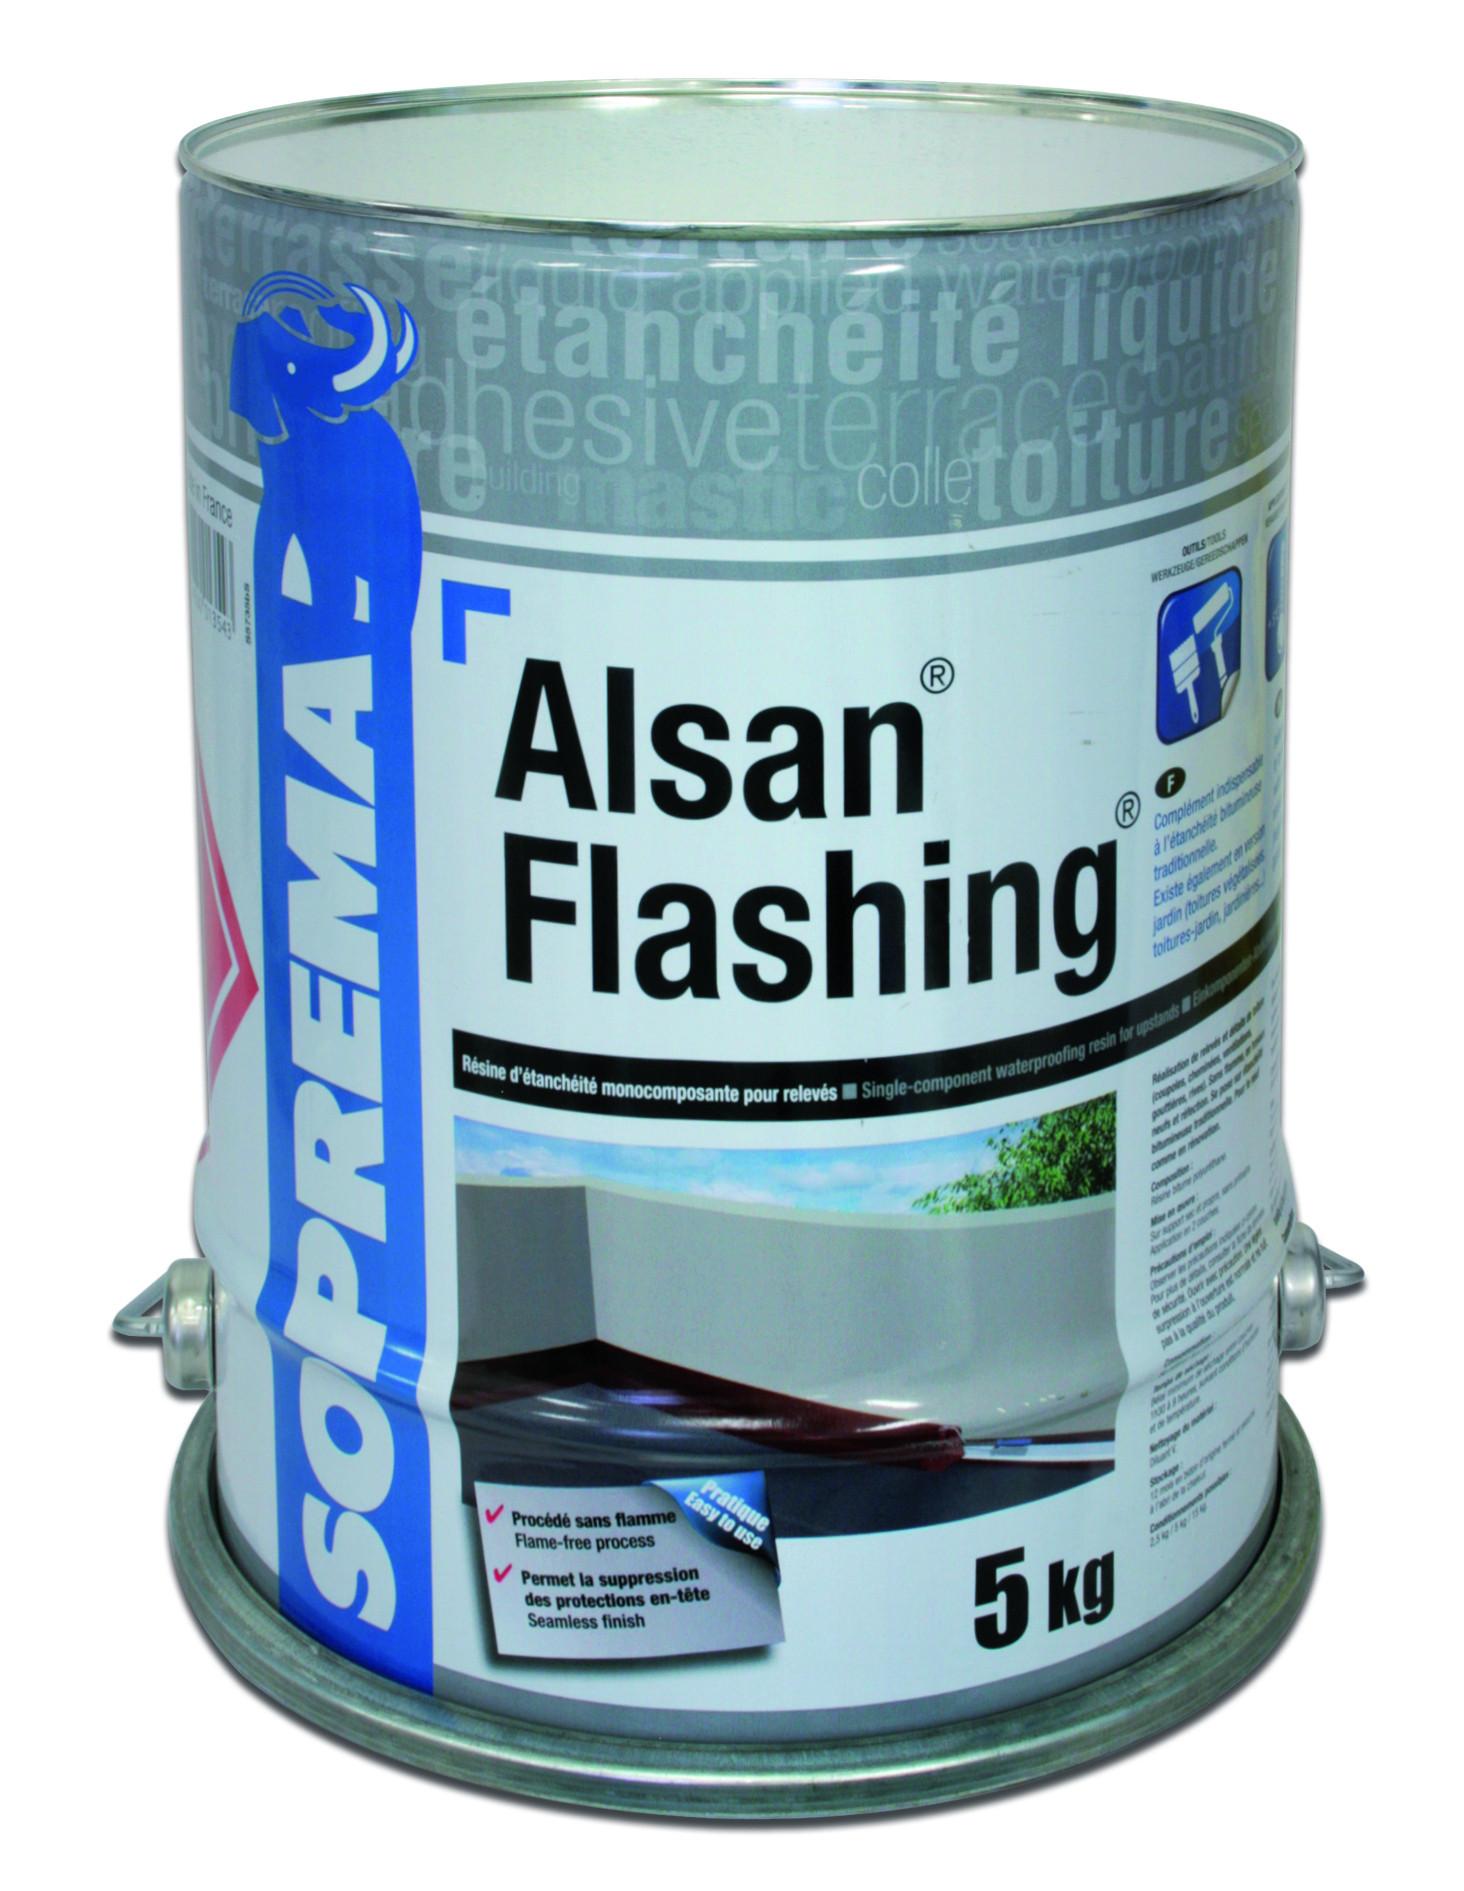 Résine d'étanchéité Alsan Flashing SOPREMA - bidon 5 kg - 00031447